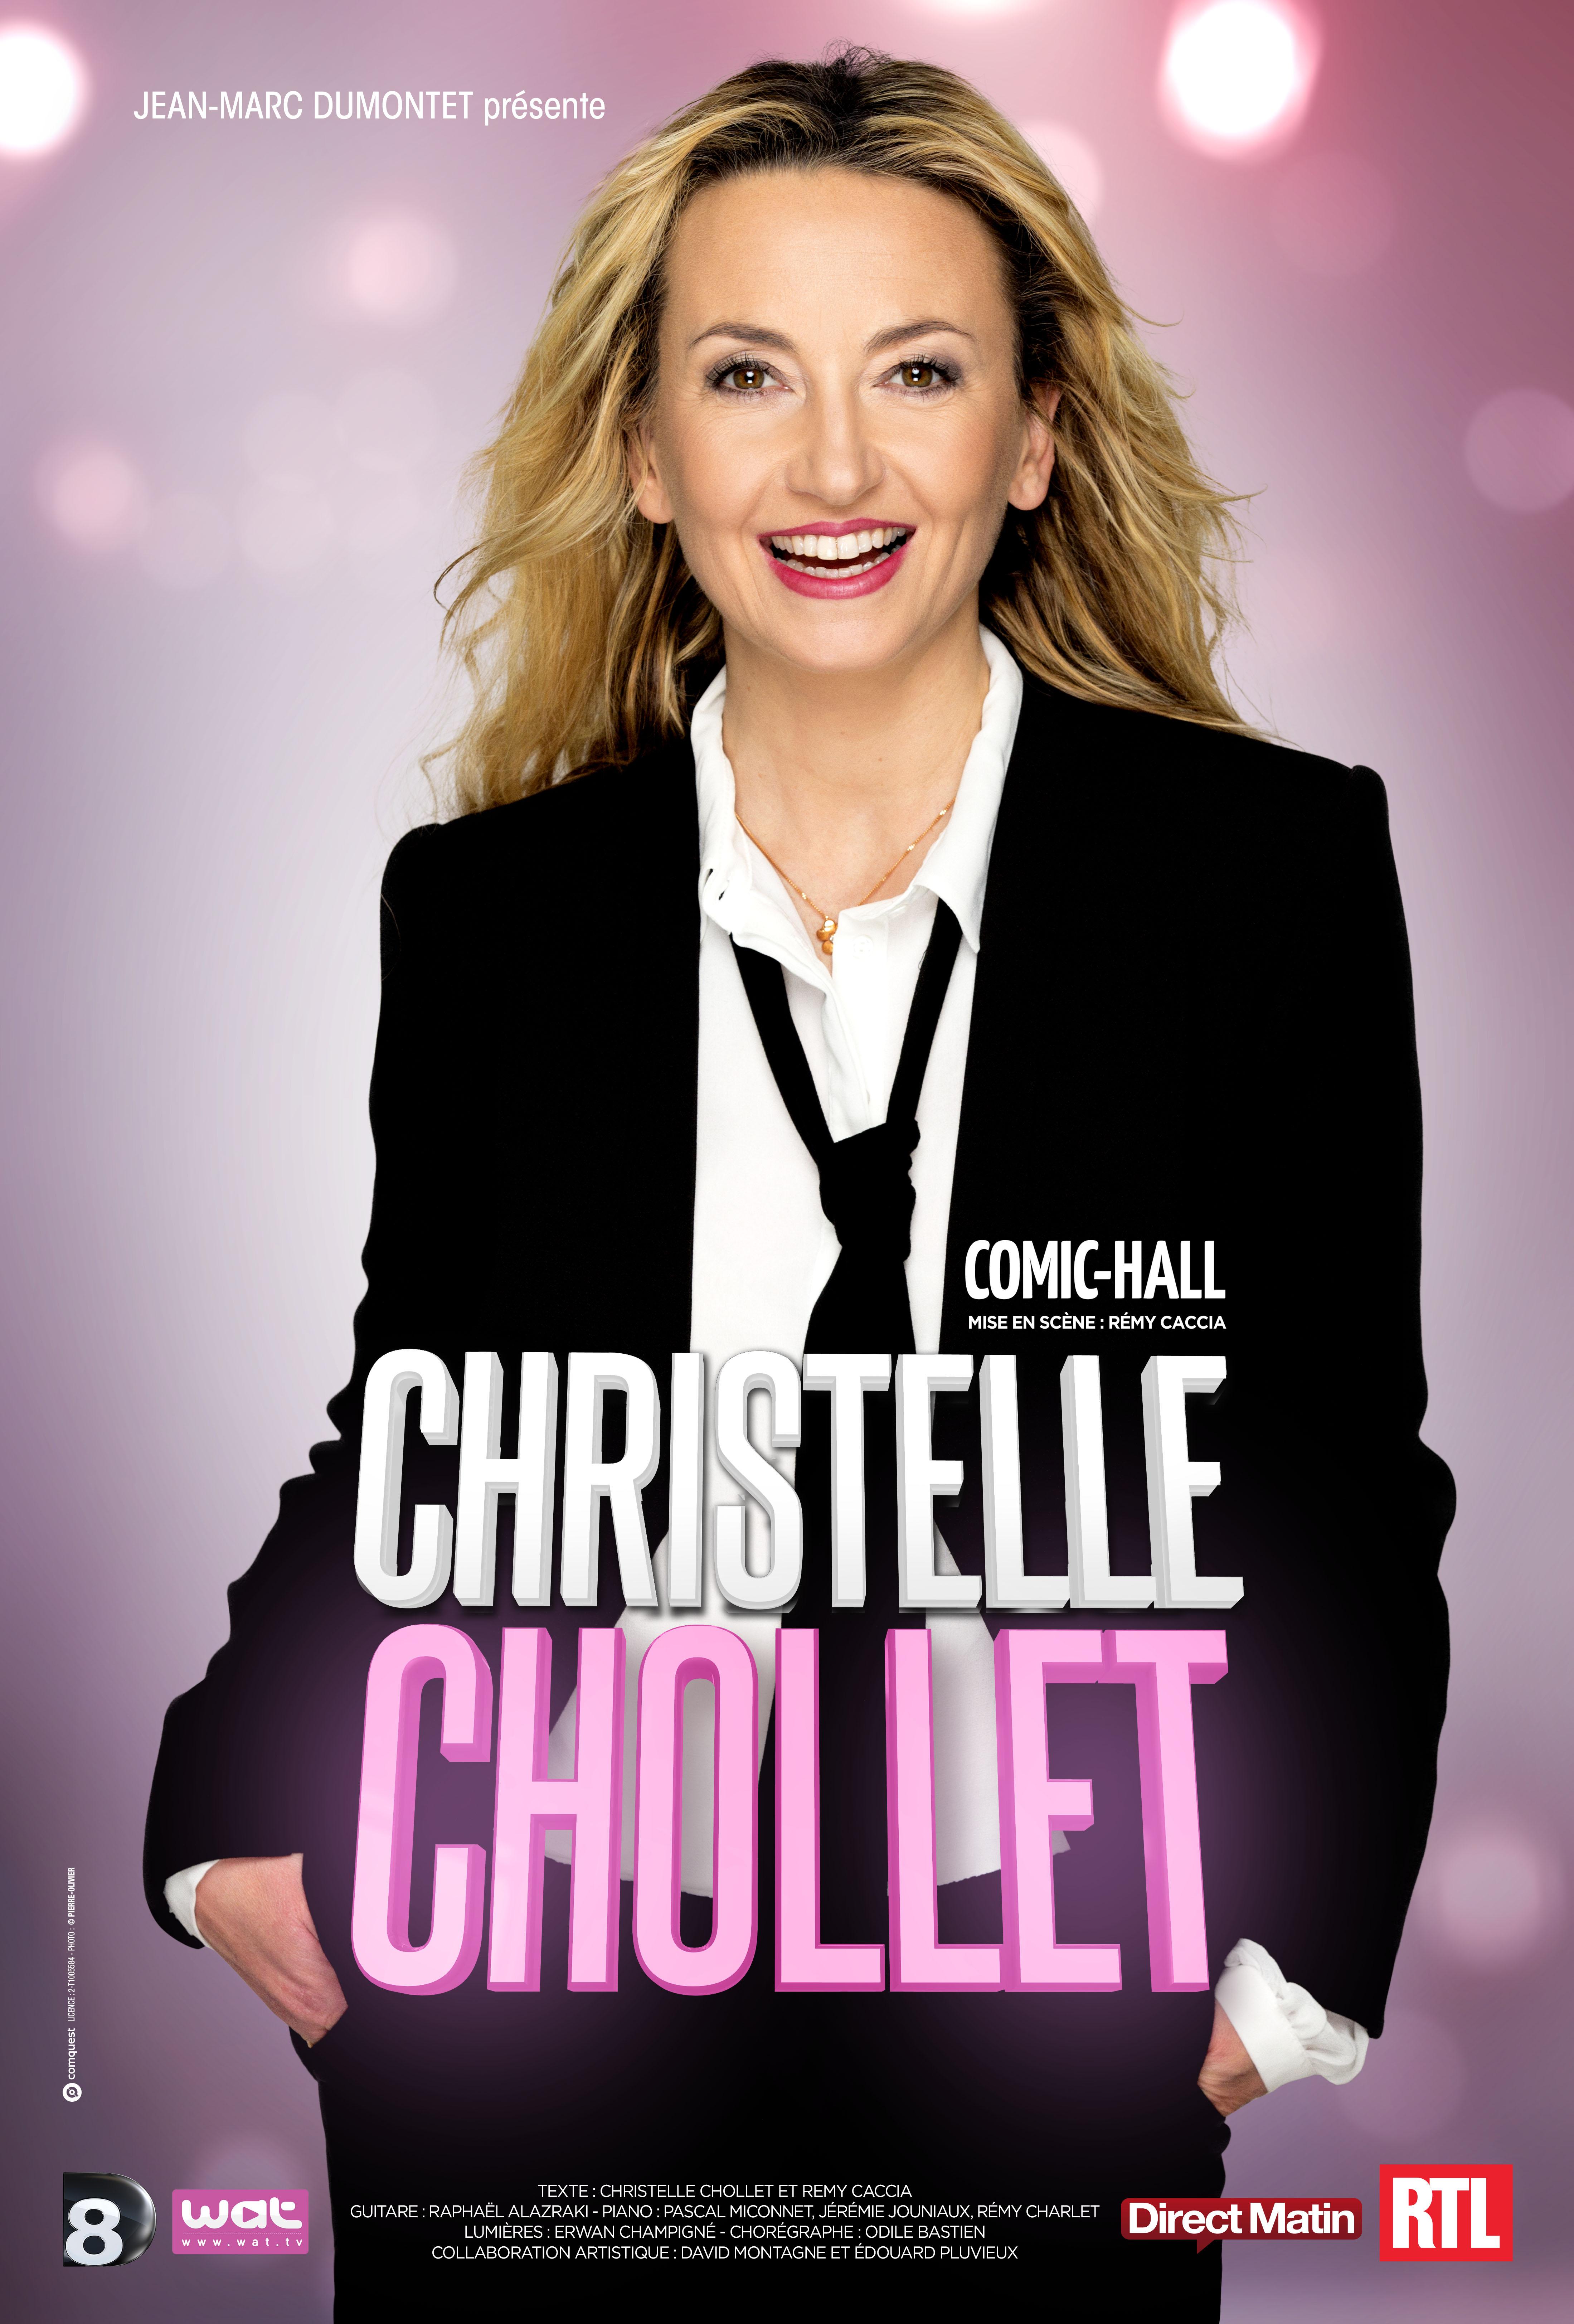 ChristelleChollet_40x60 tournée